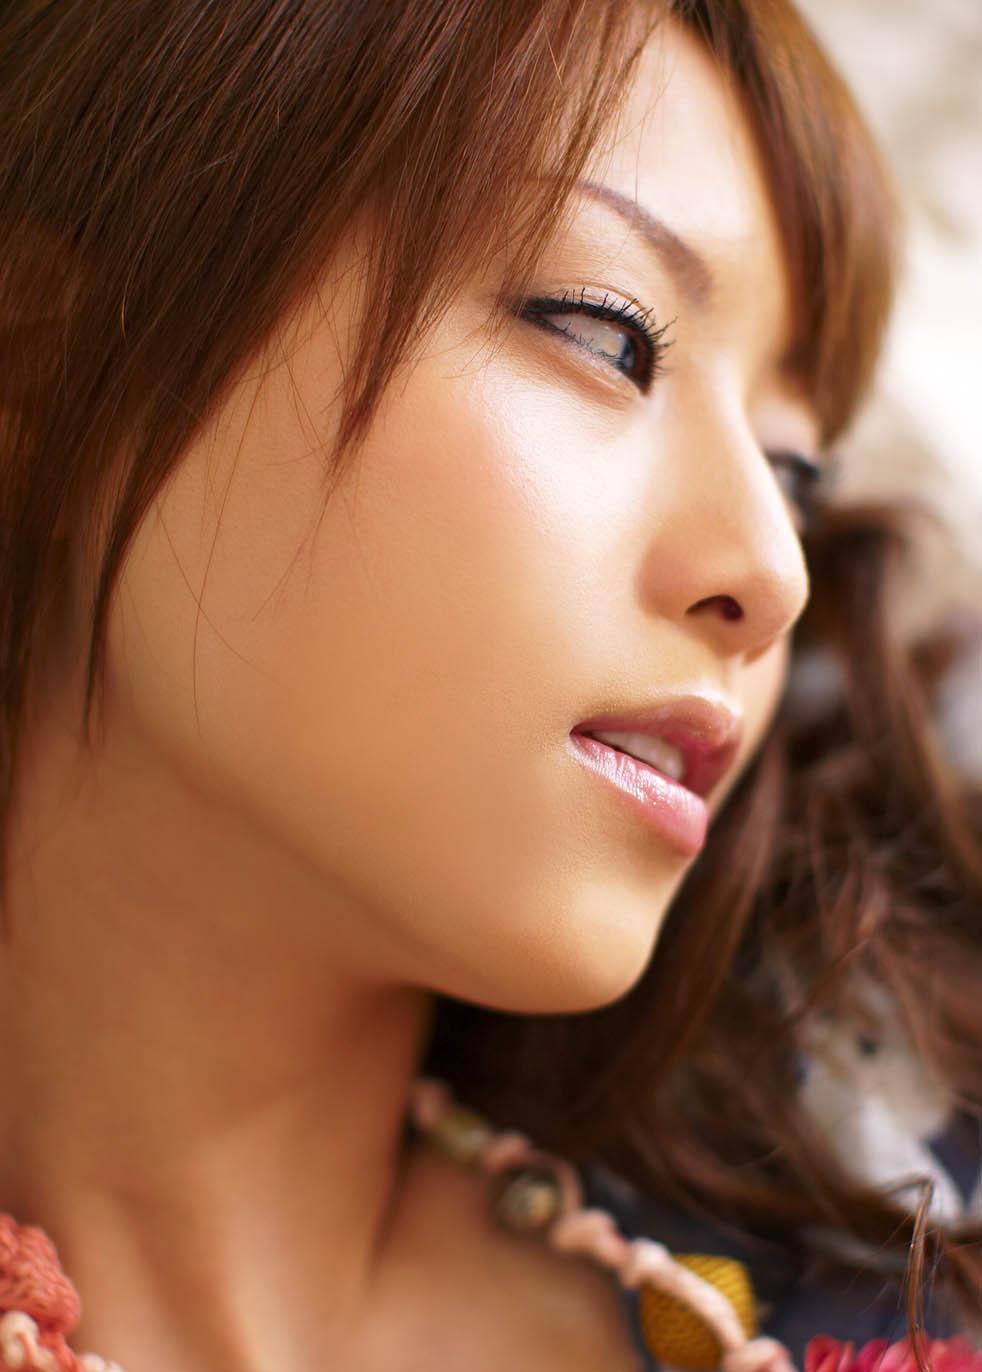 Akiho Yoshizawa Nude Photos 4